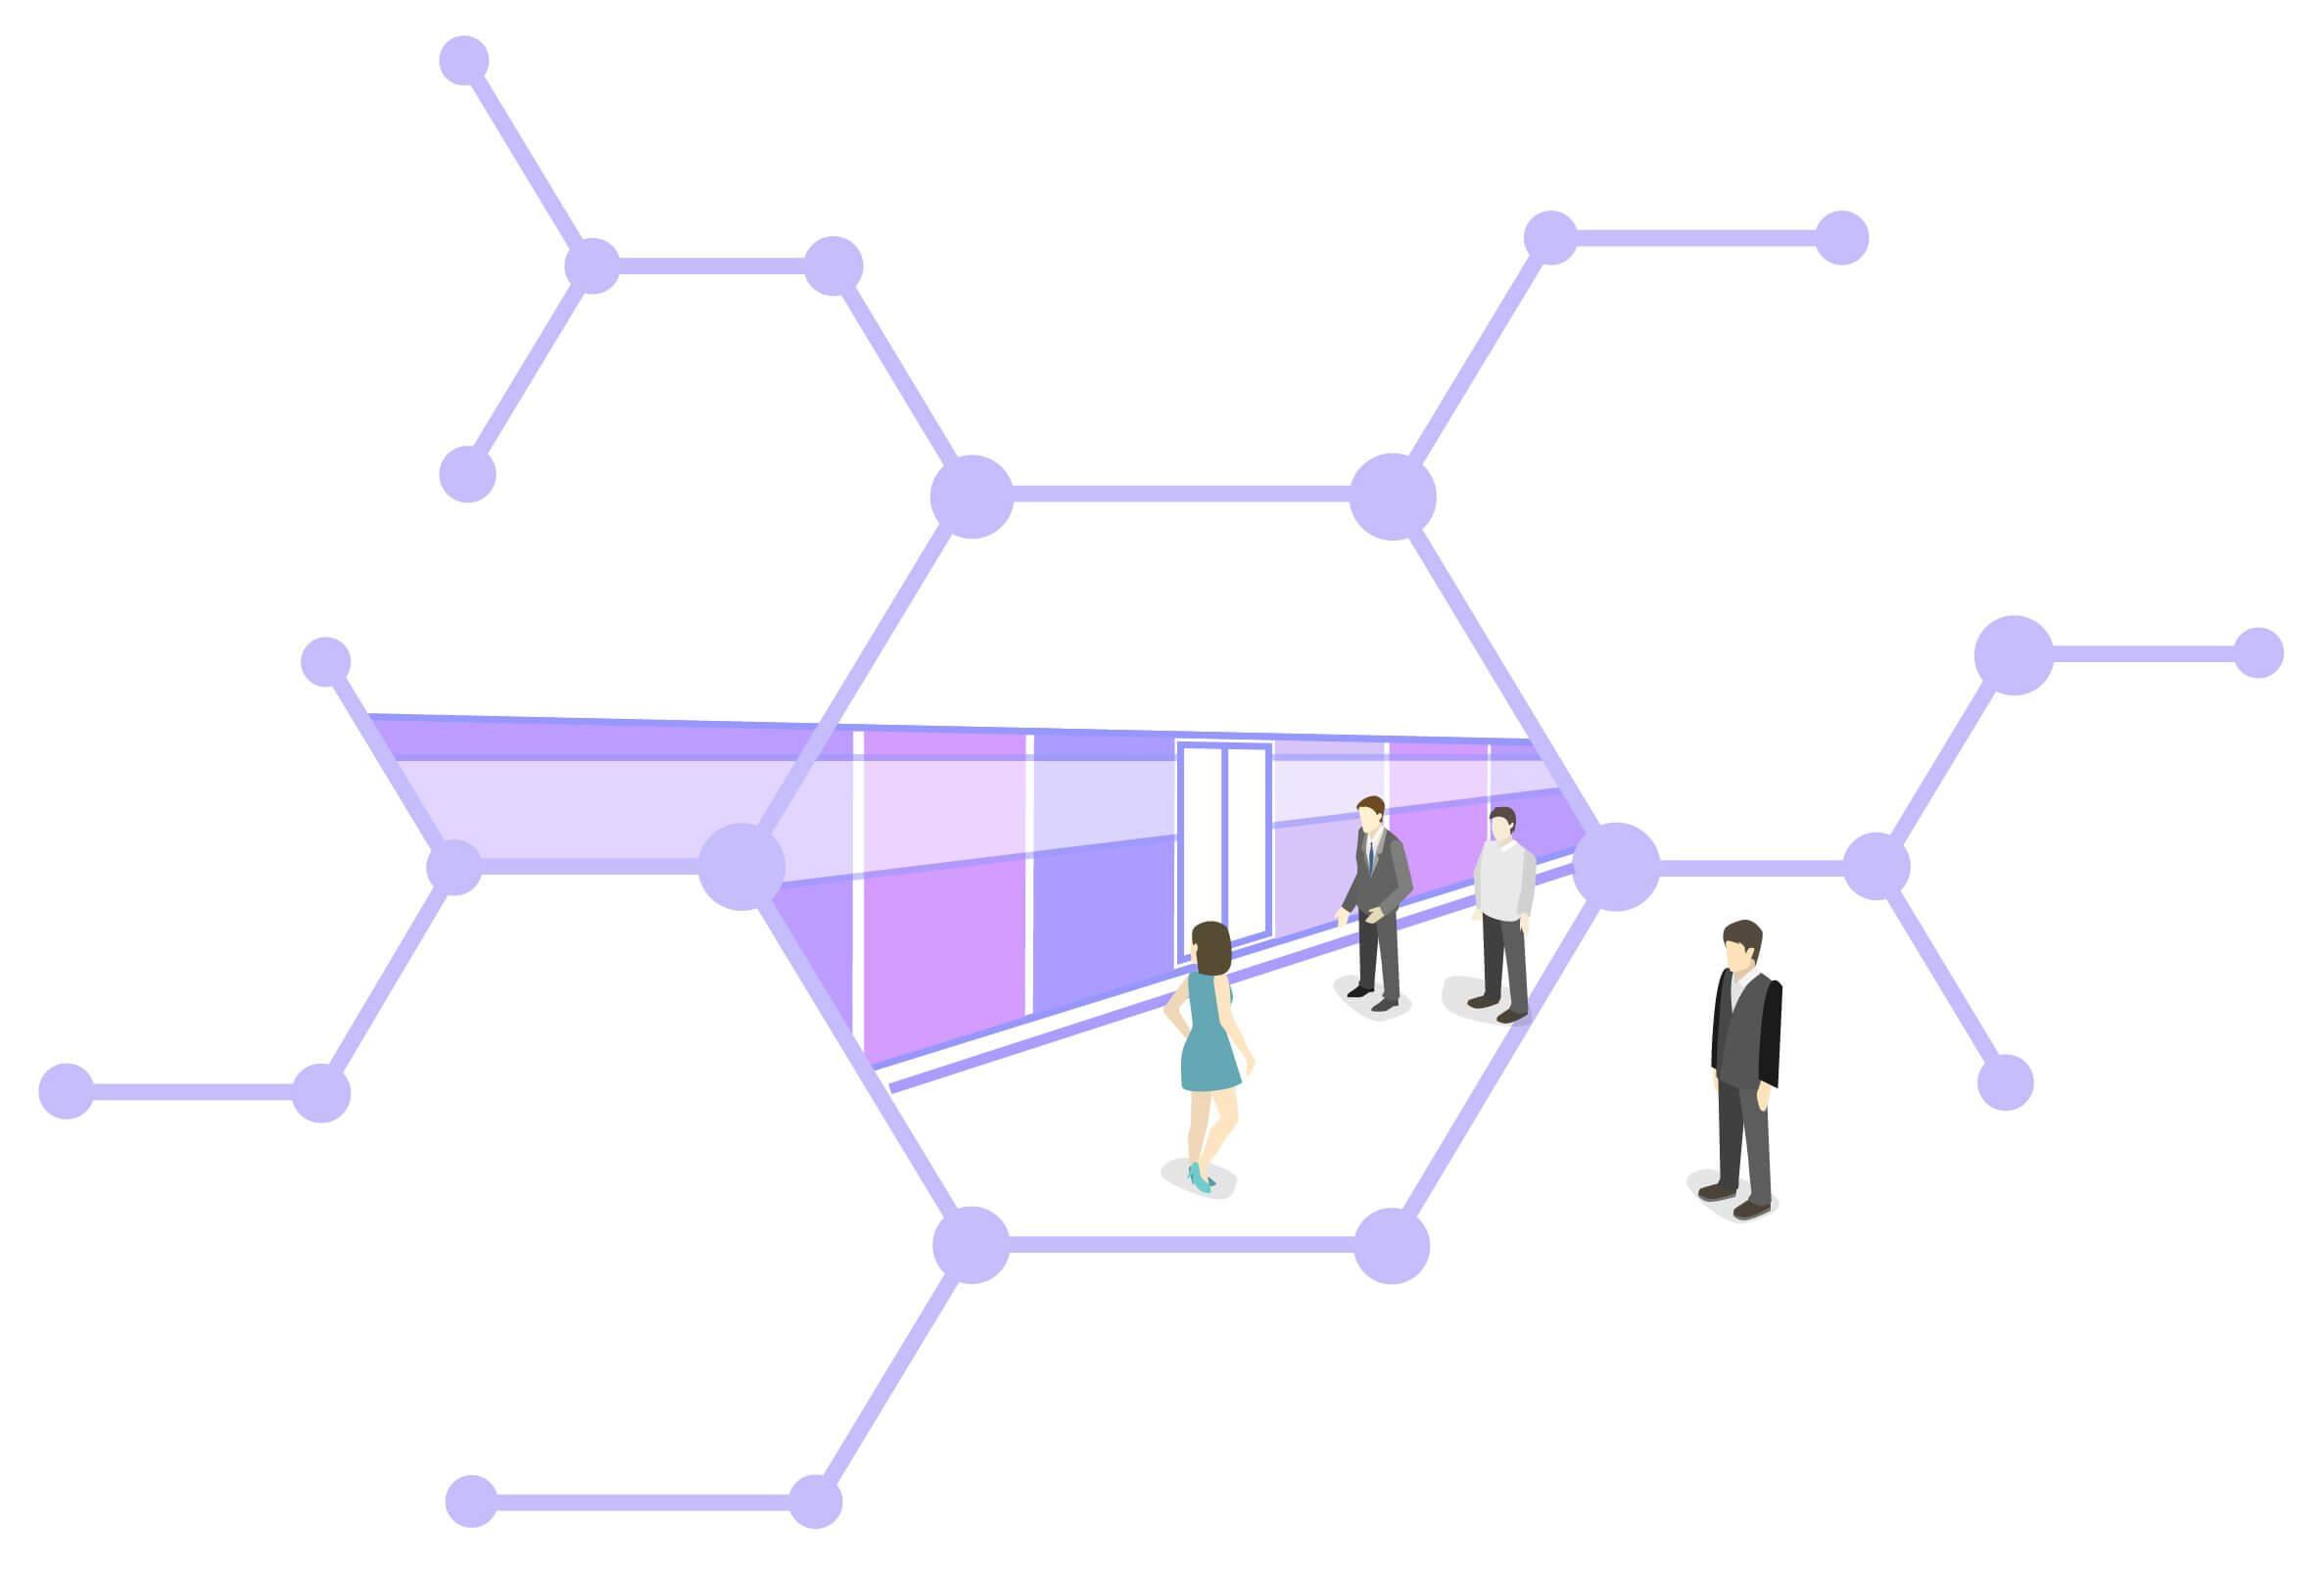 La metro si trova dentro un alveare digitale a rappresentare un solo thread. Delle persone salgono